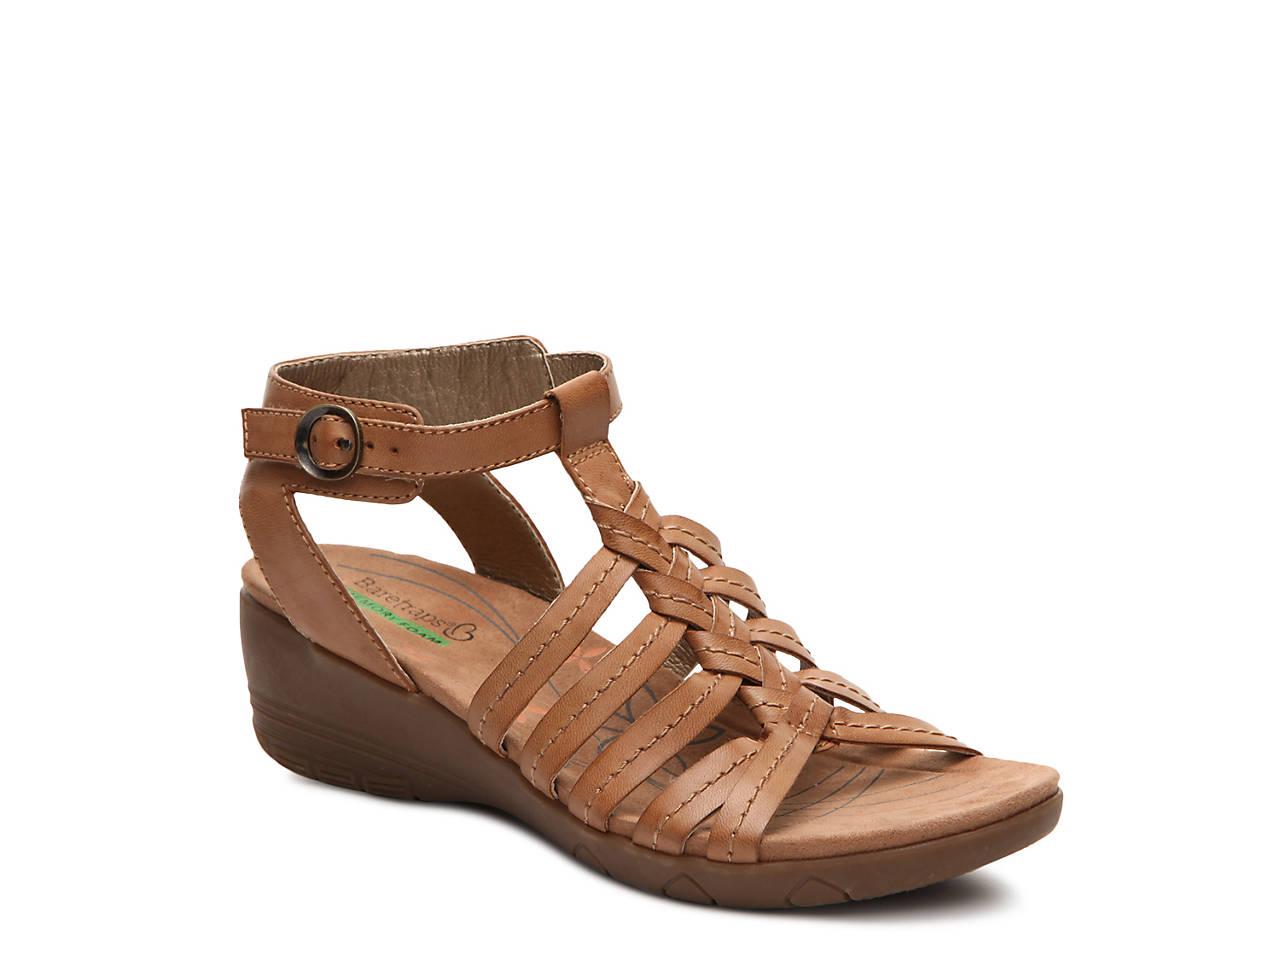 03031cab42 Bare Traps Hanah Wedge Sandal Women's Shoes | DSW